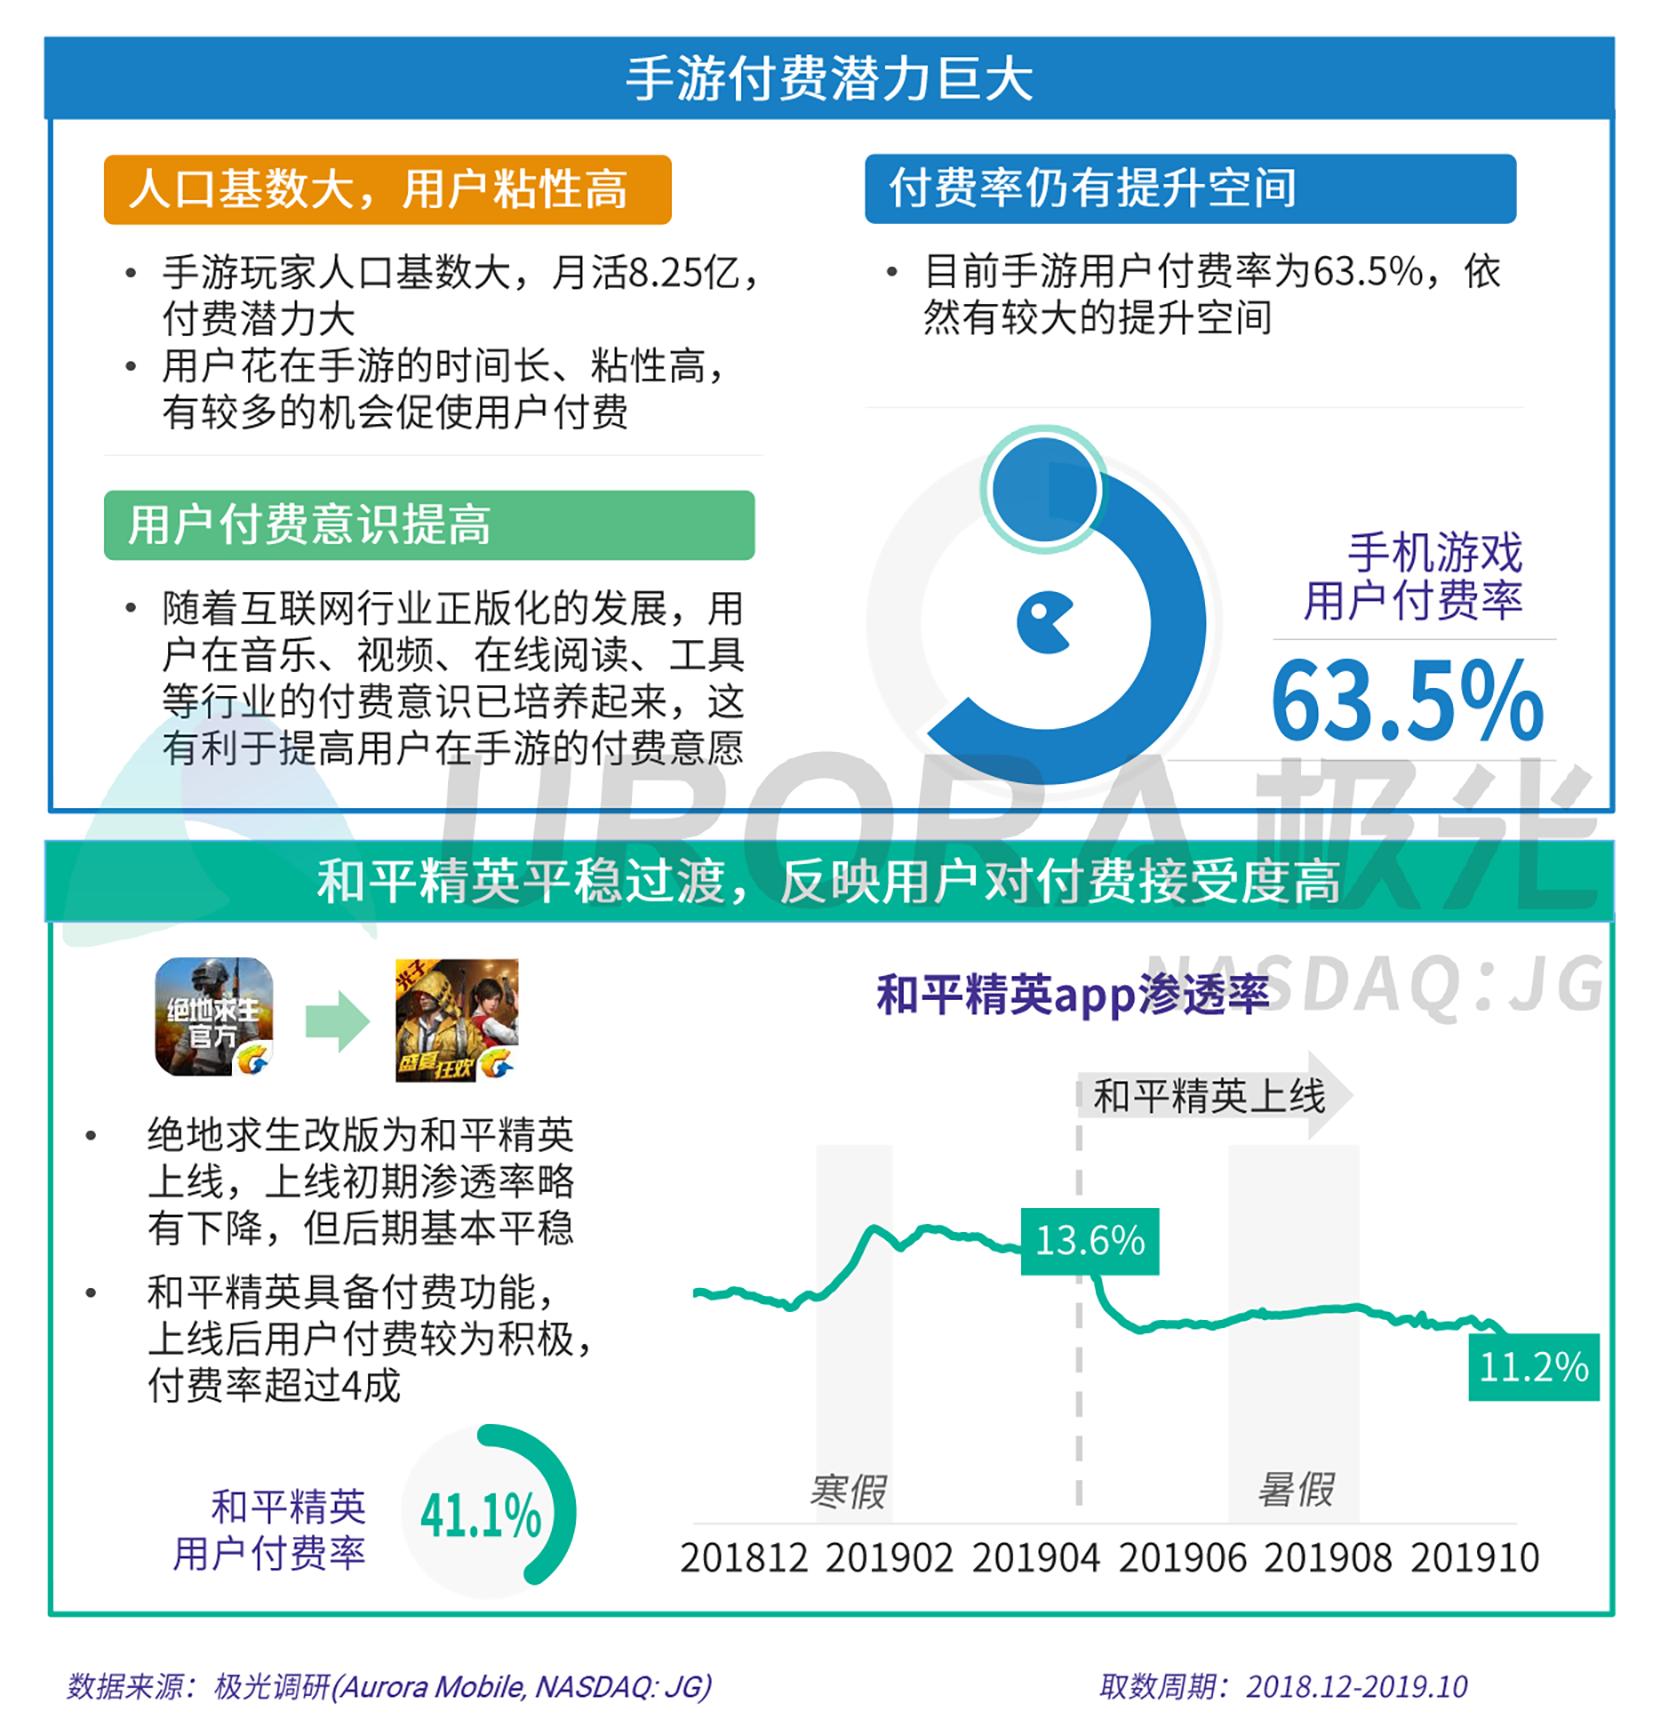 2019年手机游戏研究报告V5-25.png